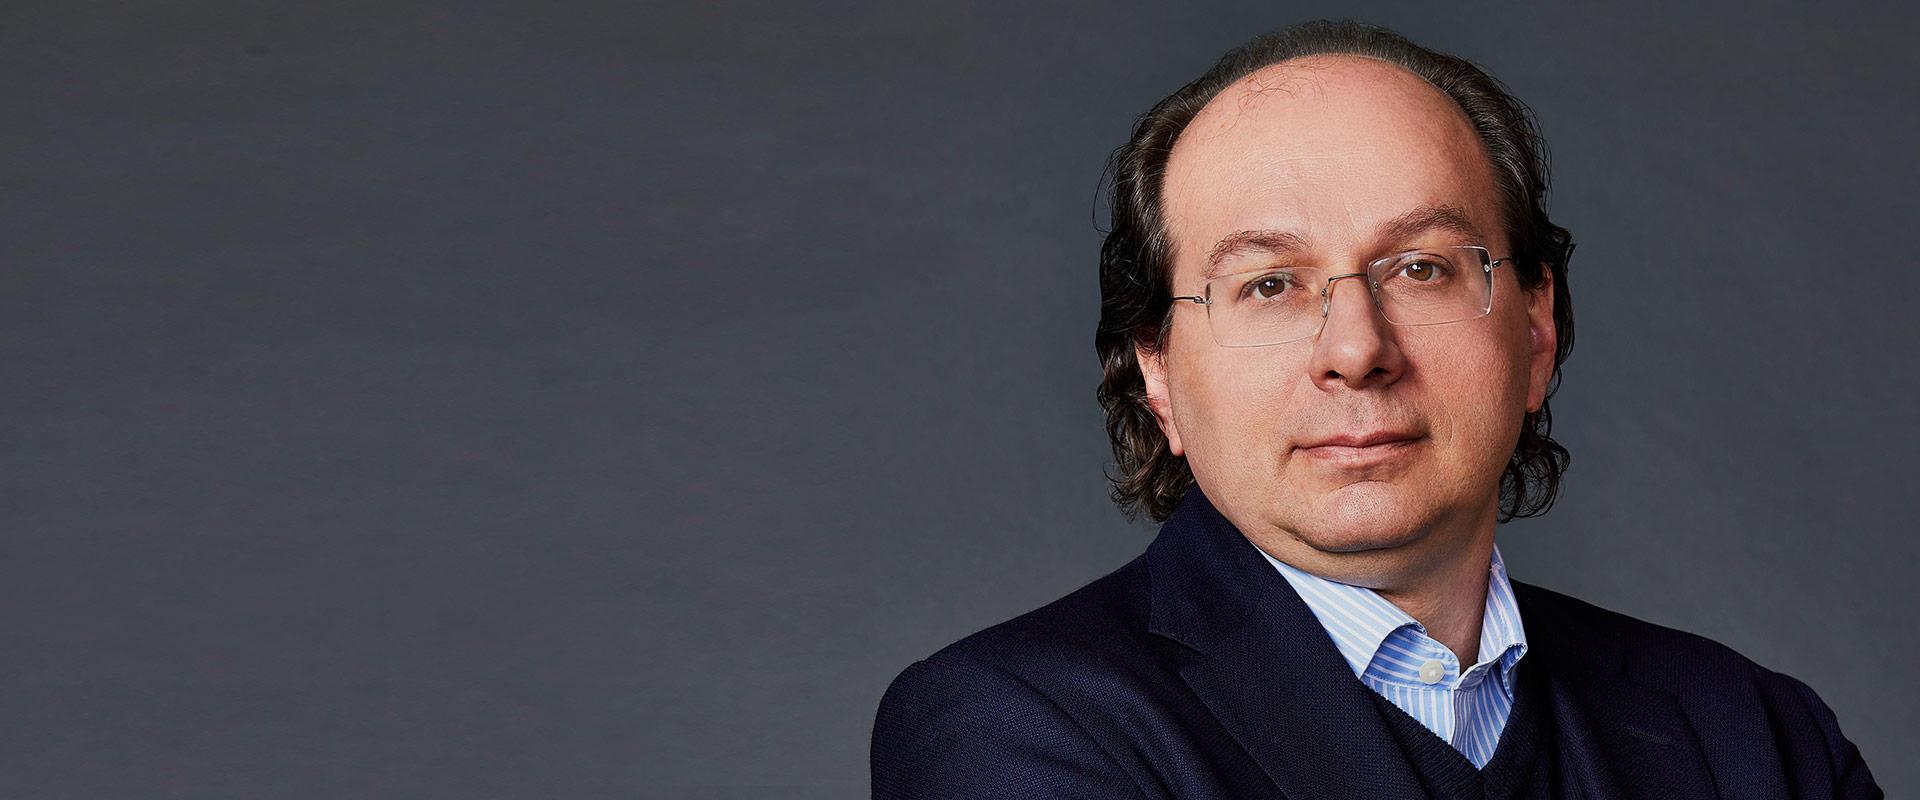 Dott. Muti Gabriele F.